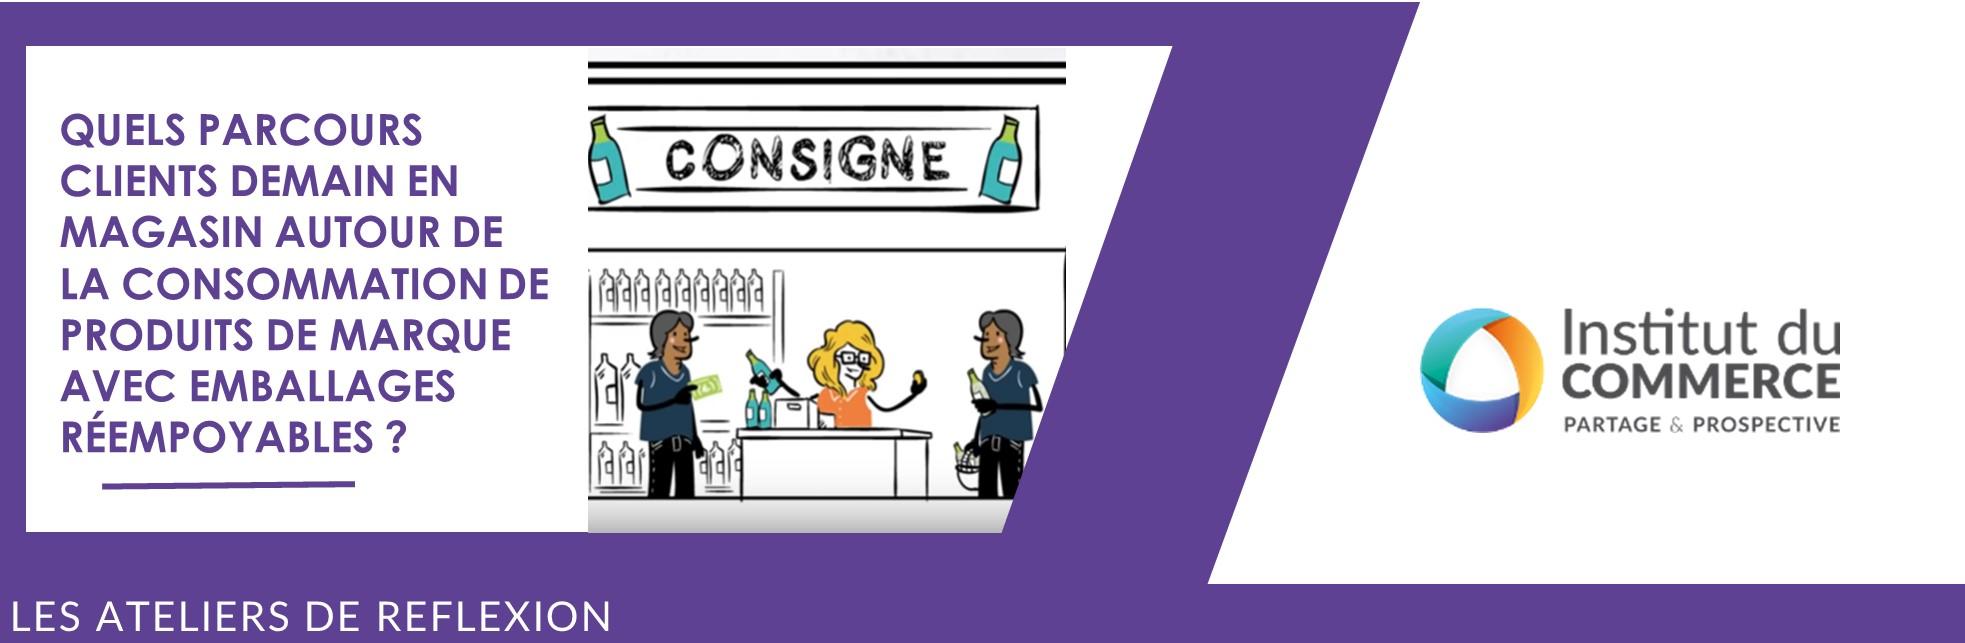 Quels parcours clients demain en magasin autour de la consommation de produits de marques avec emballages réemployables ?